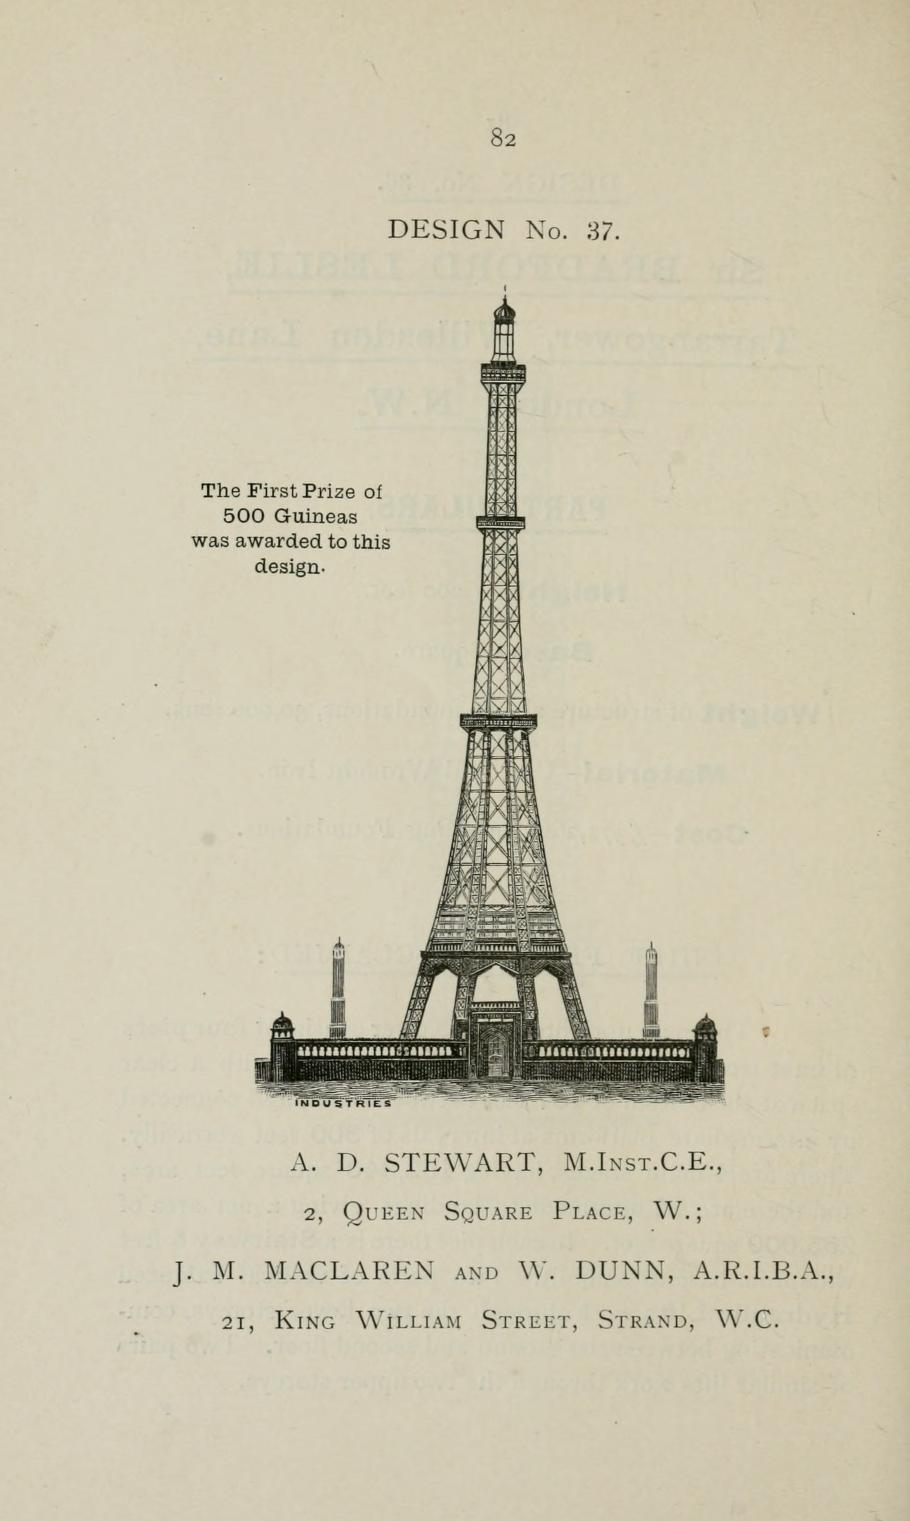 Les Plans De Londres En 1890 Pour Rivaliser Avec La Tour